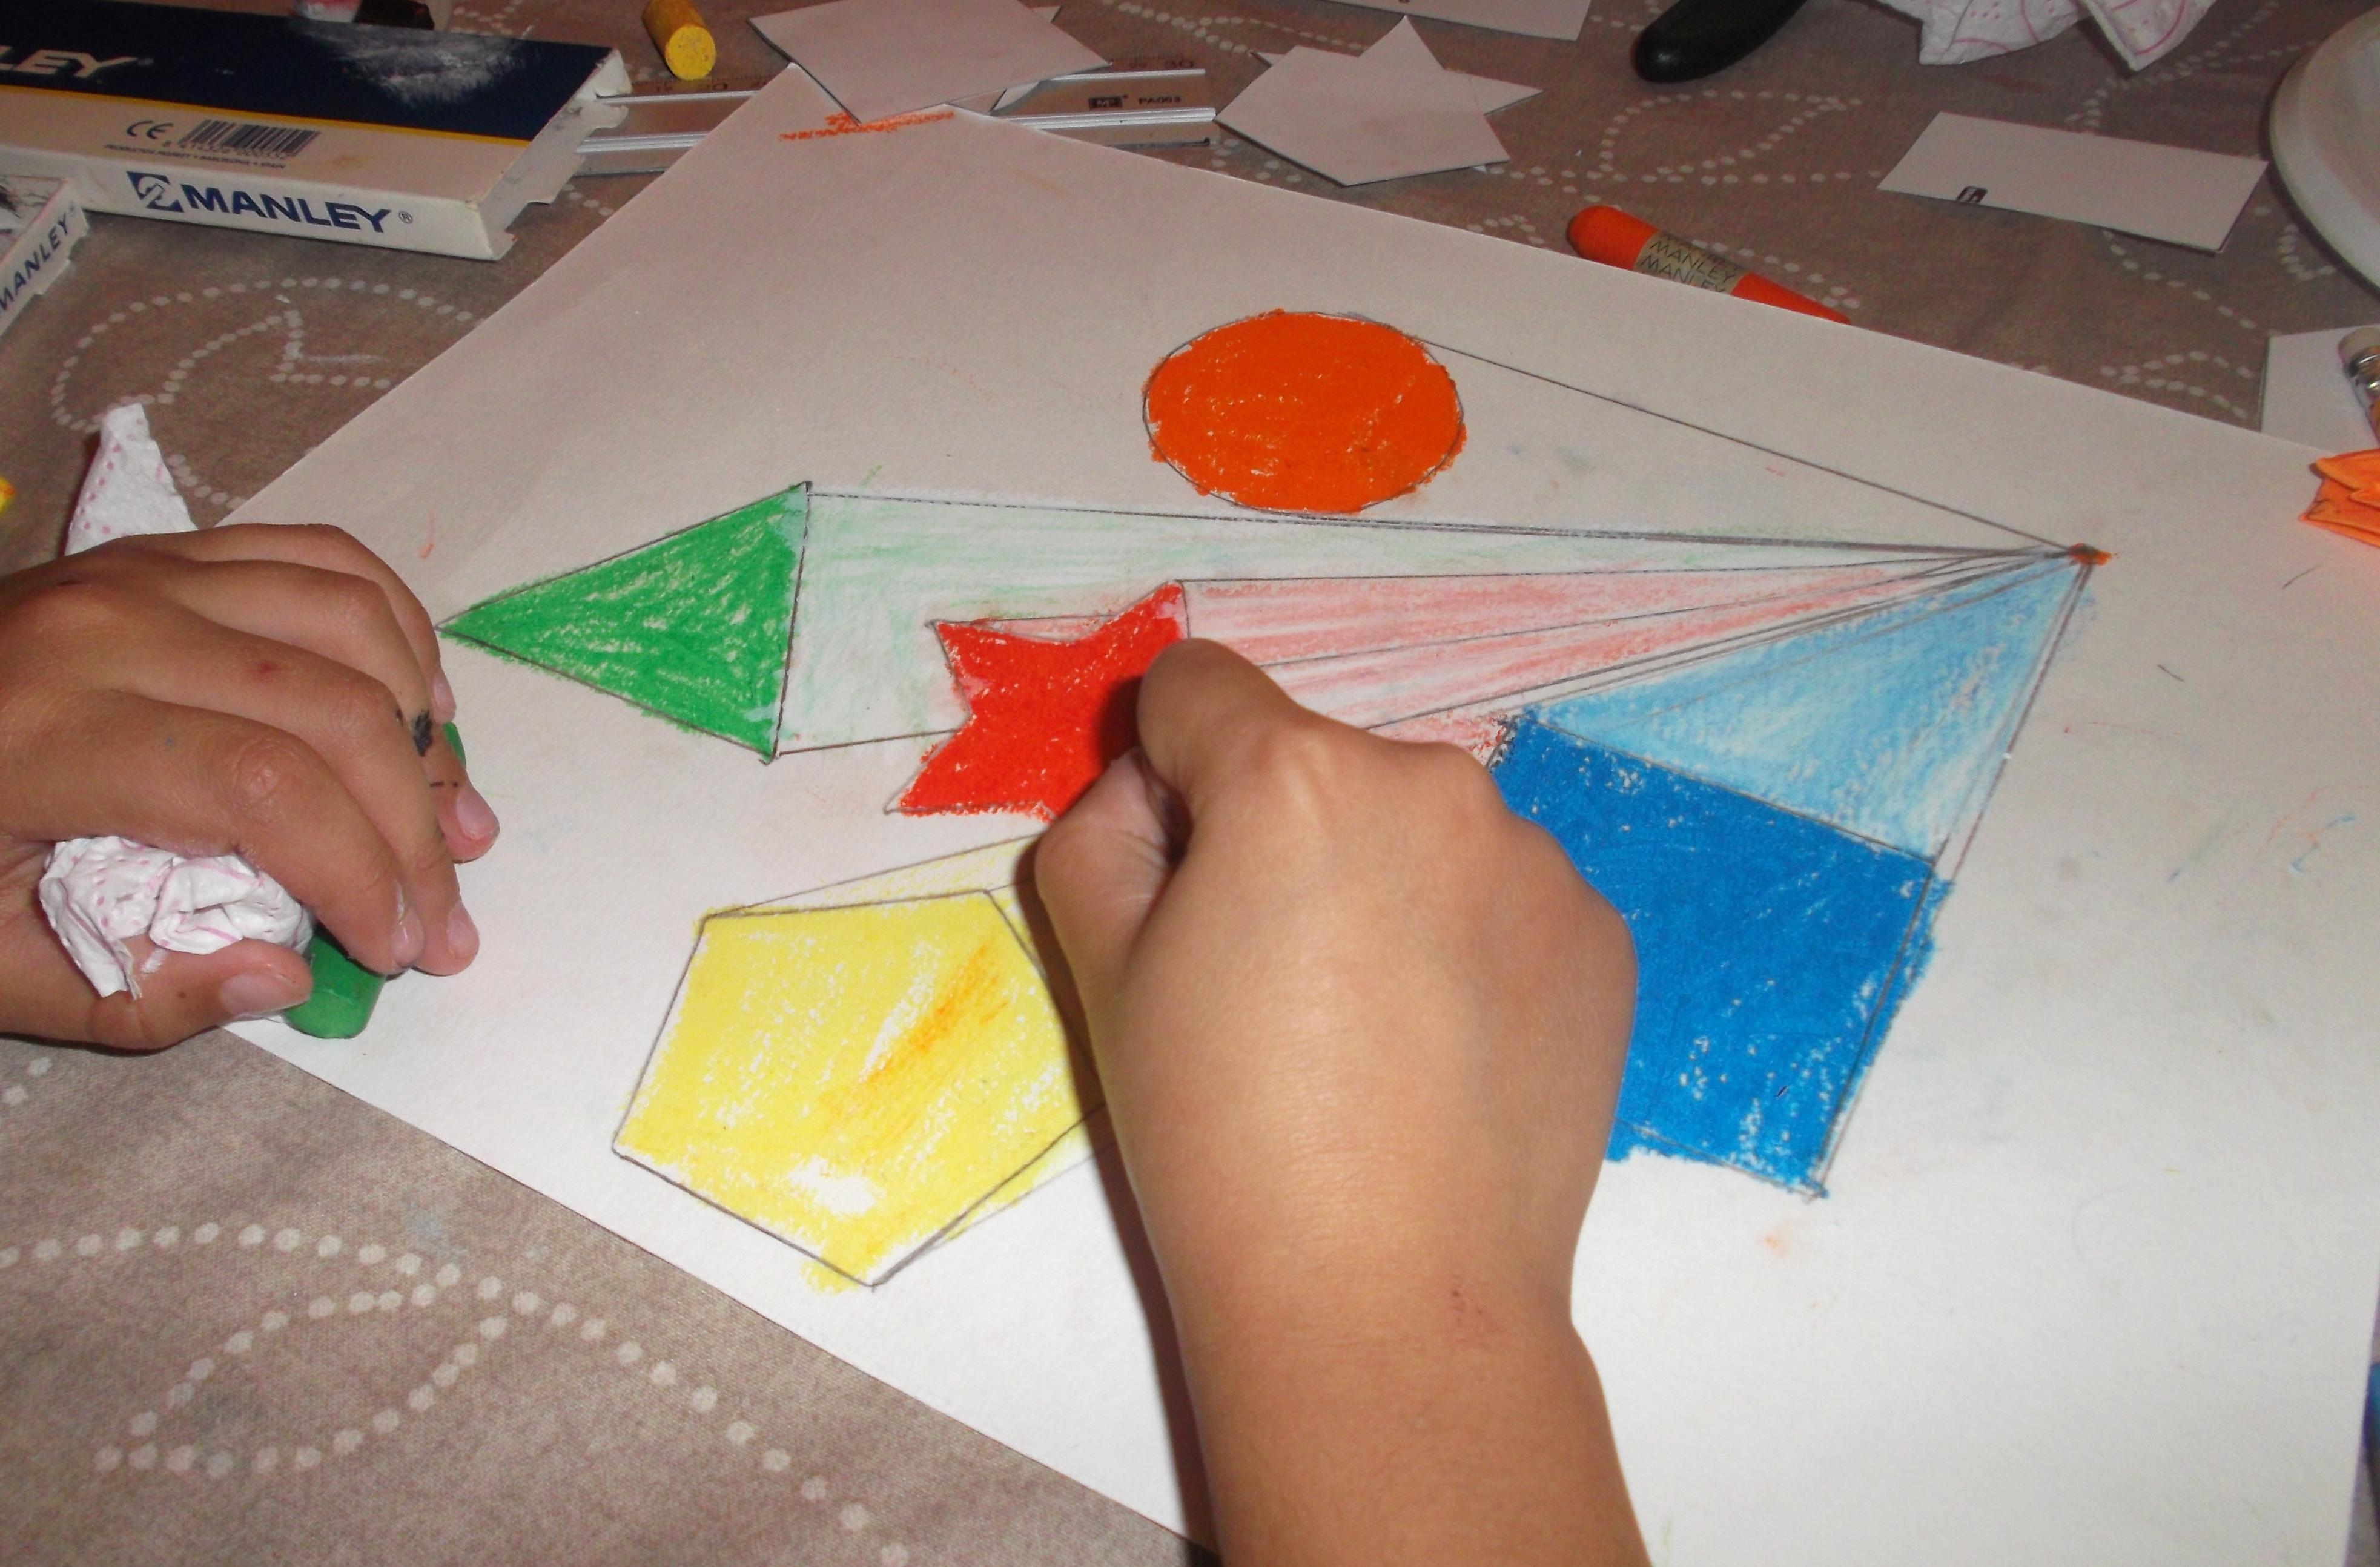 Libreta De Dibujo Con Dibujos Infant: Fugar Figuras Geométricas